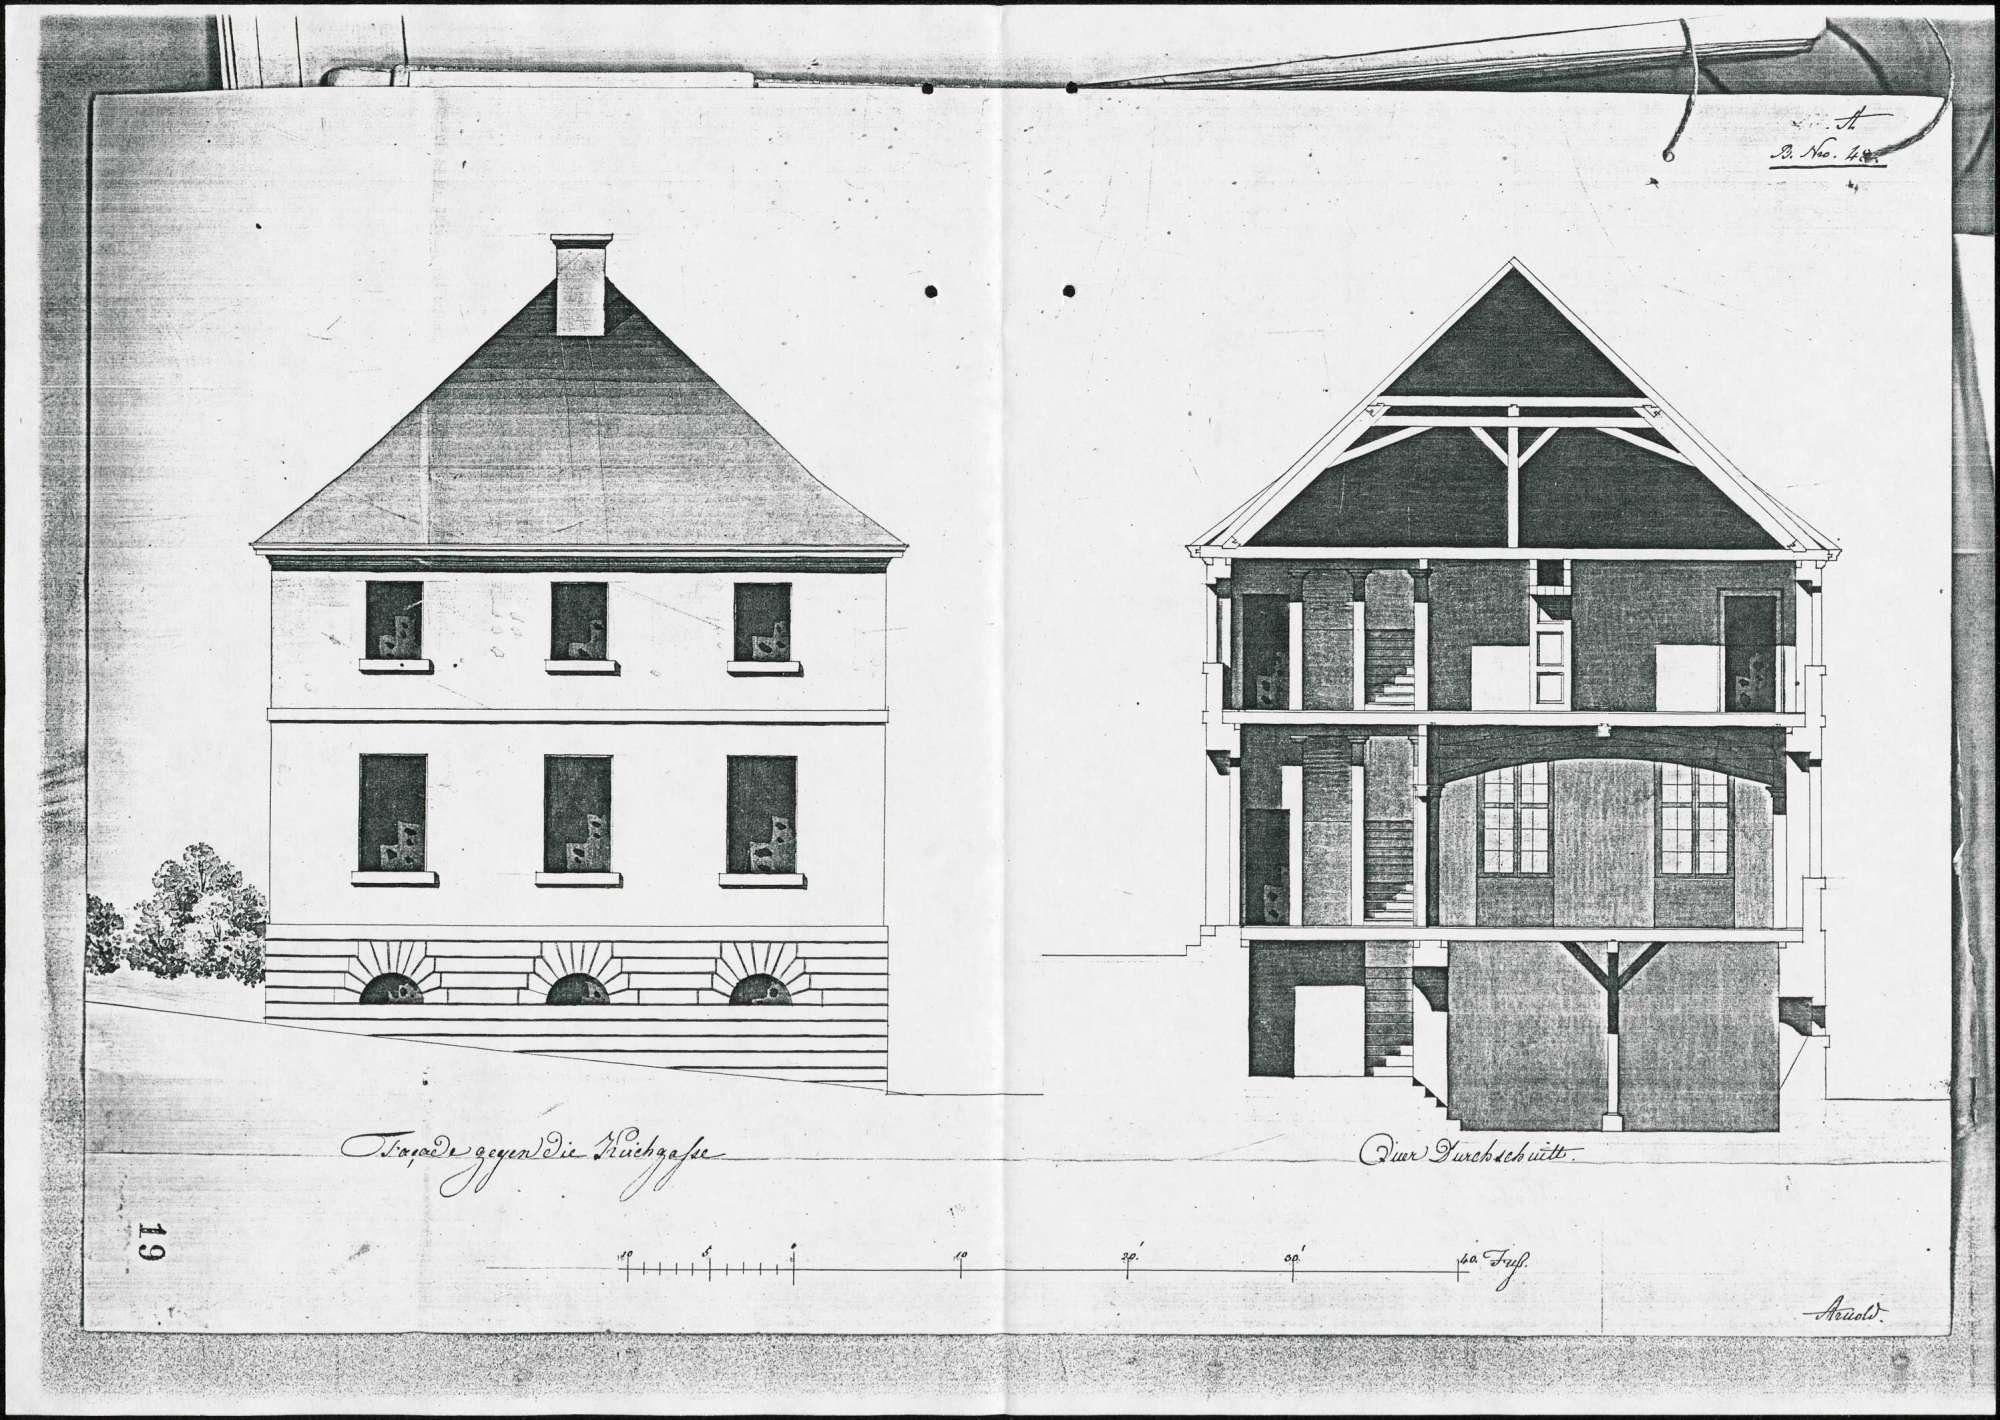 Schulhausbau in Buchheim, Bild 2